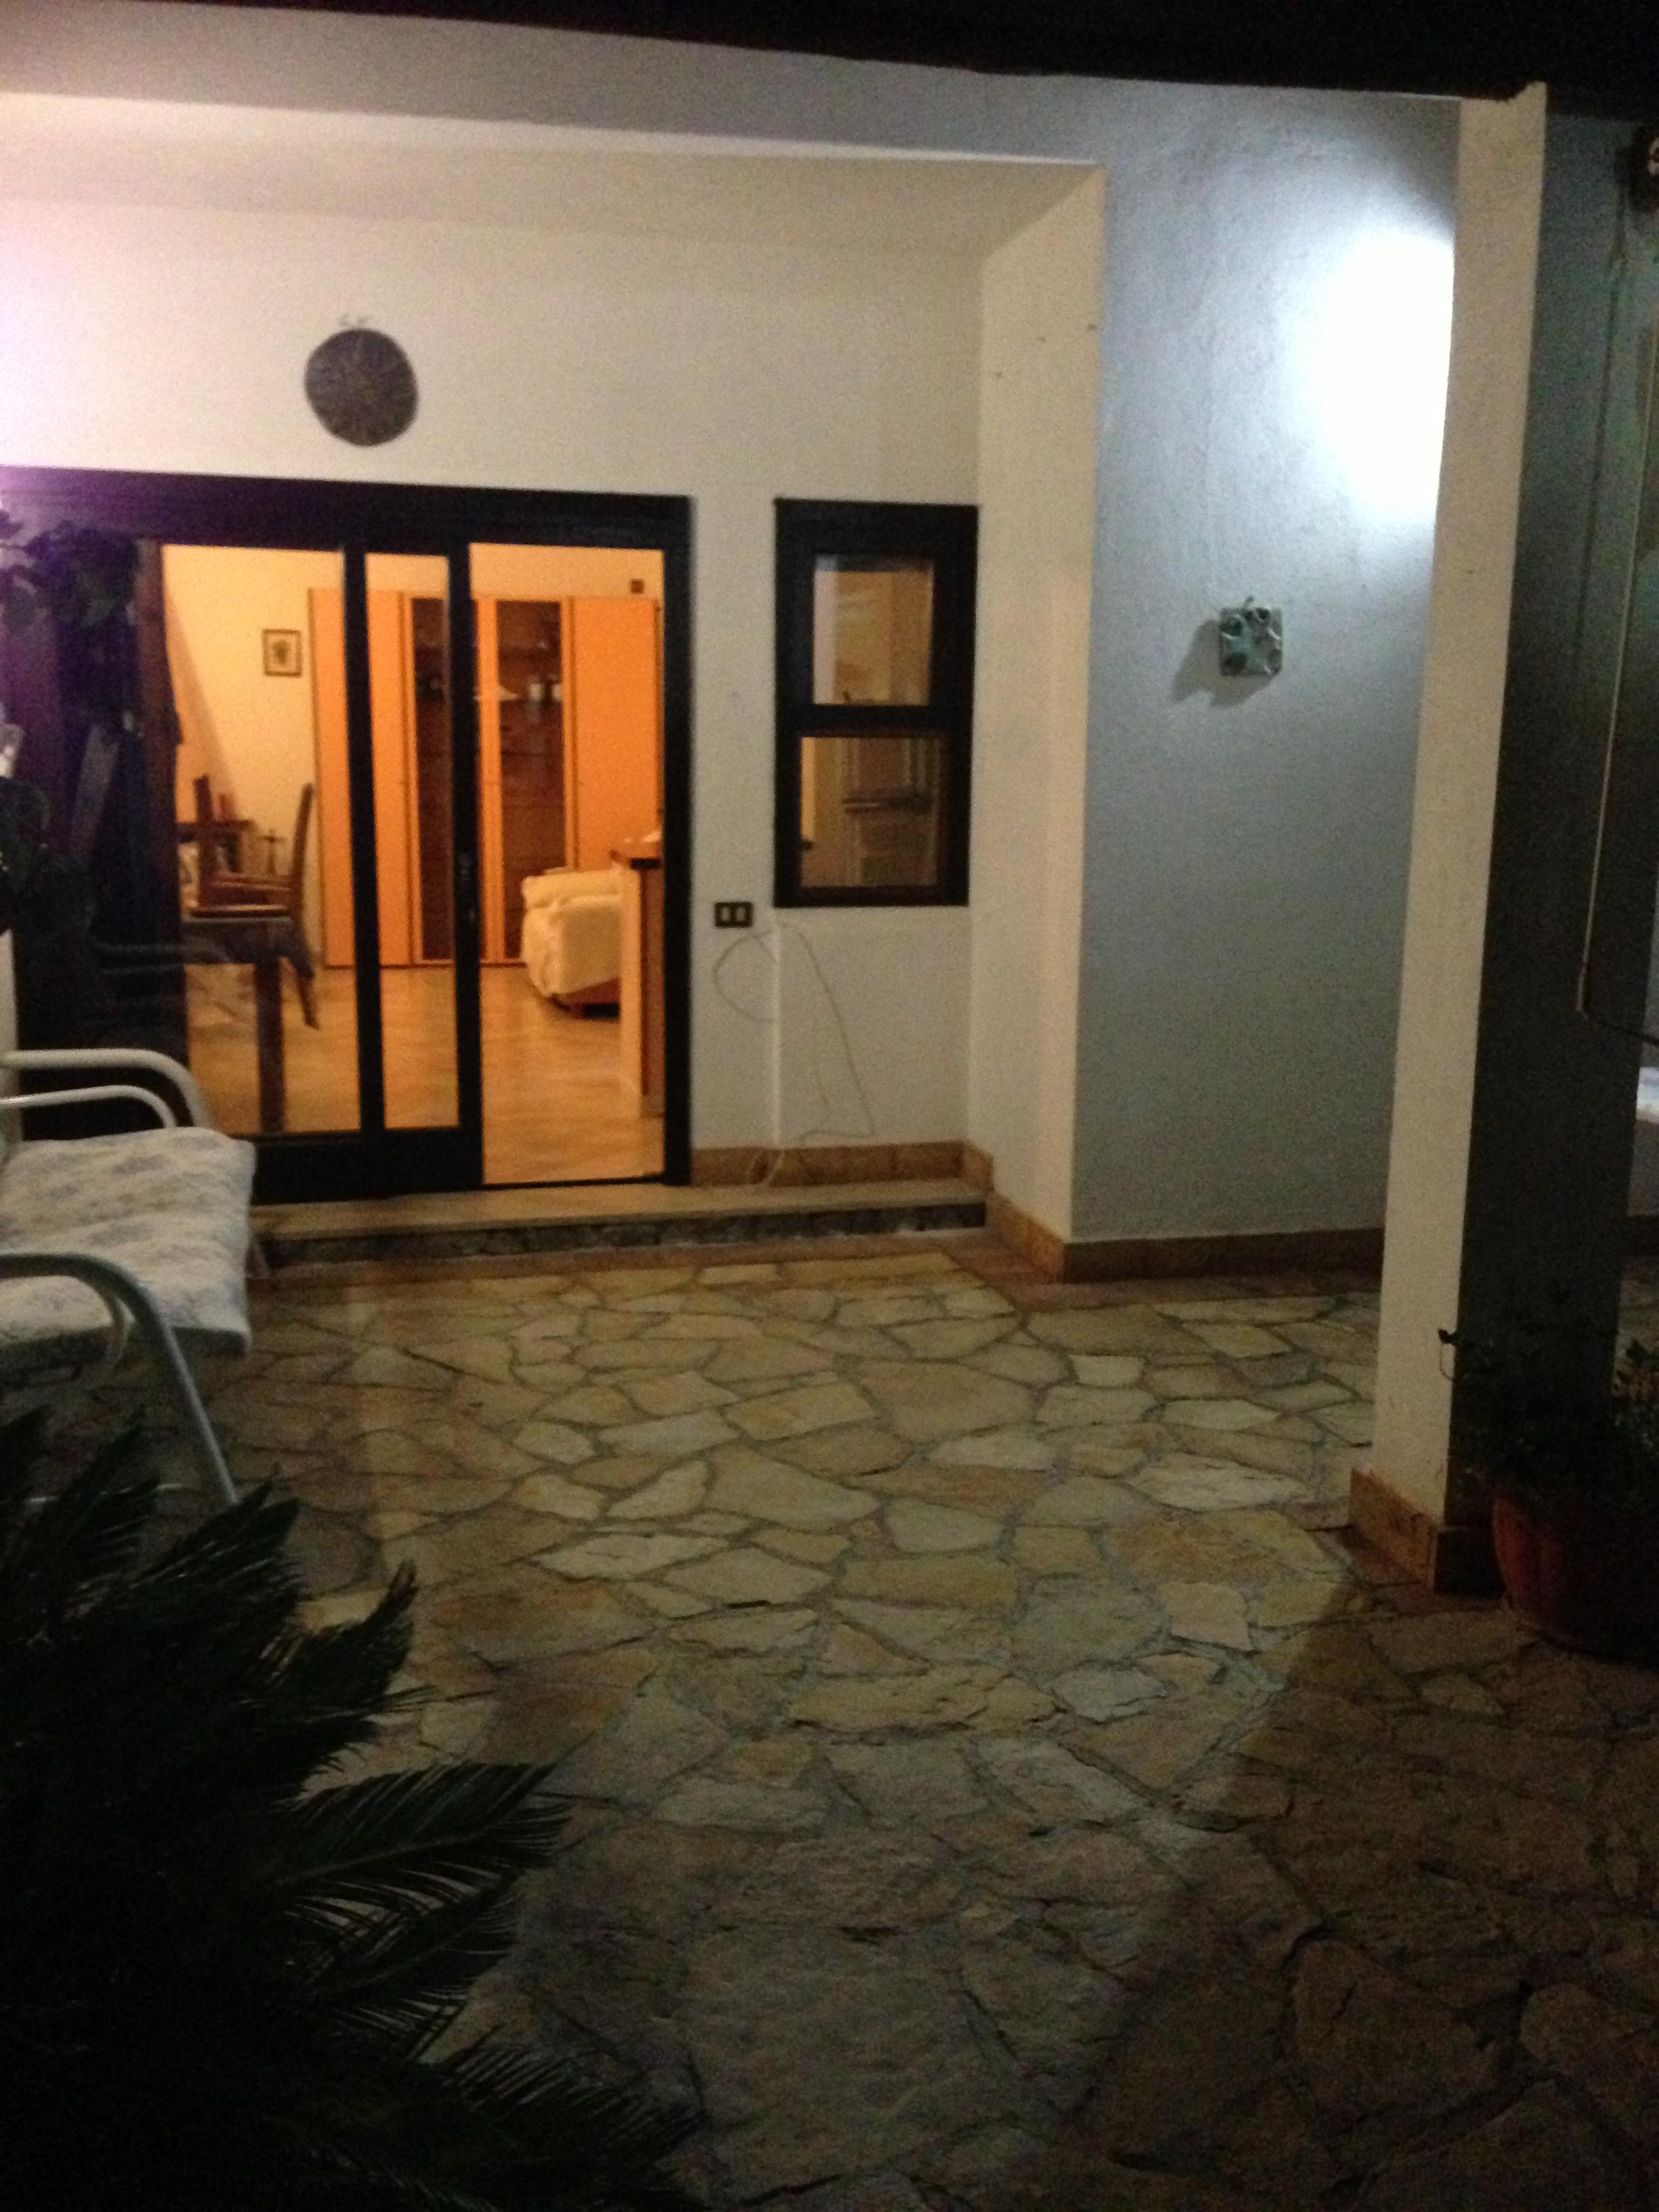 Fittasi vacanze villetta palinuro satempo di casa portici for Piani di casa cottage con portici